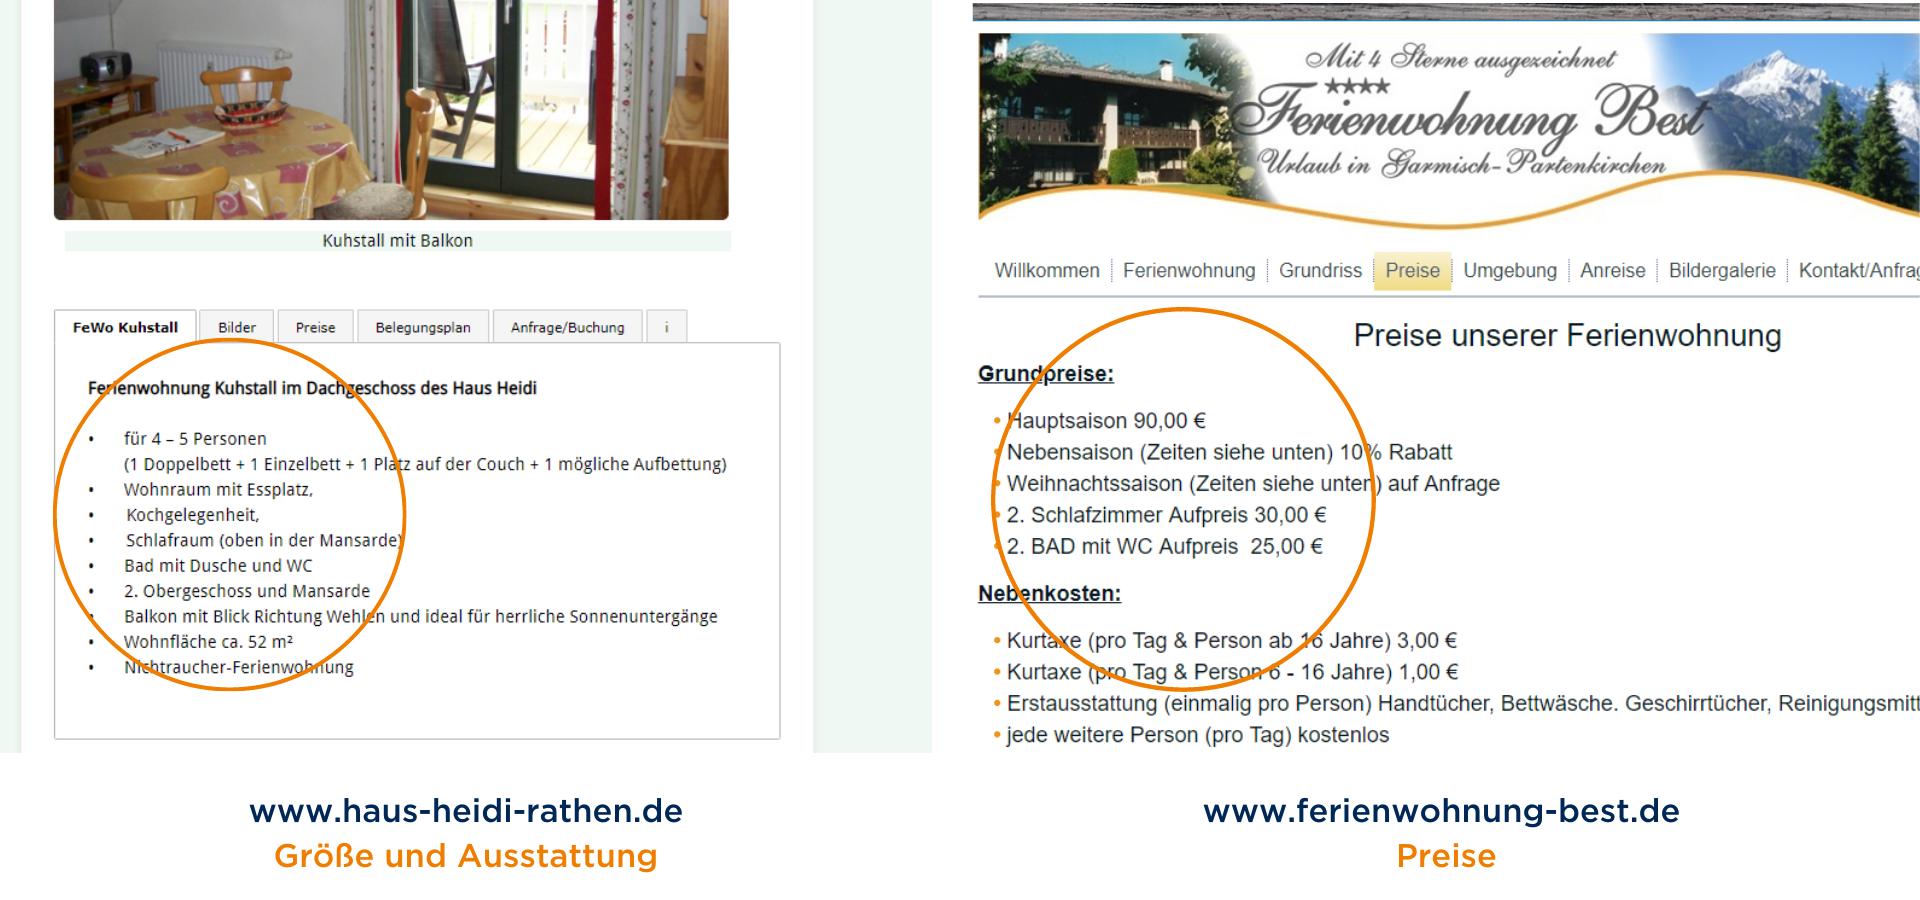 www.fewo-friedrich-norddeich.de Klassifizierung der Ferienwohung (1)